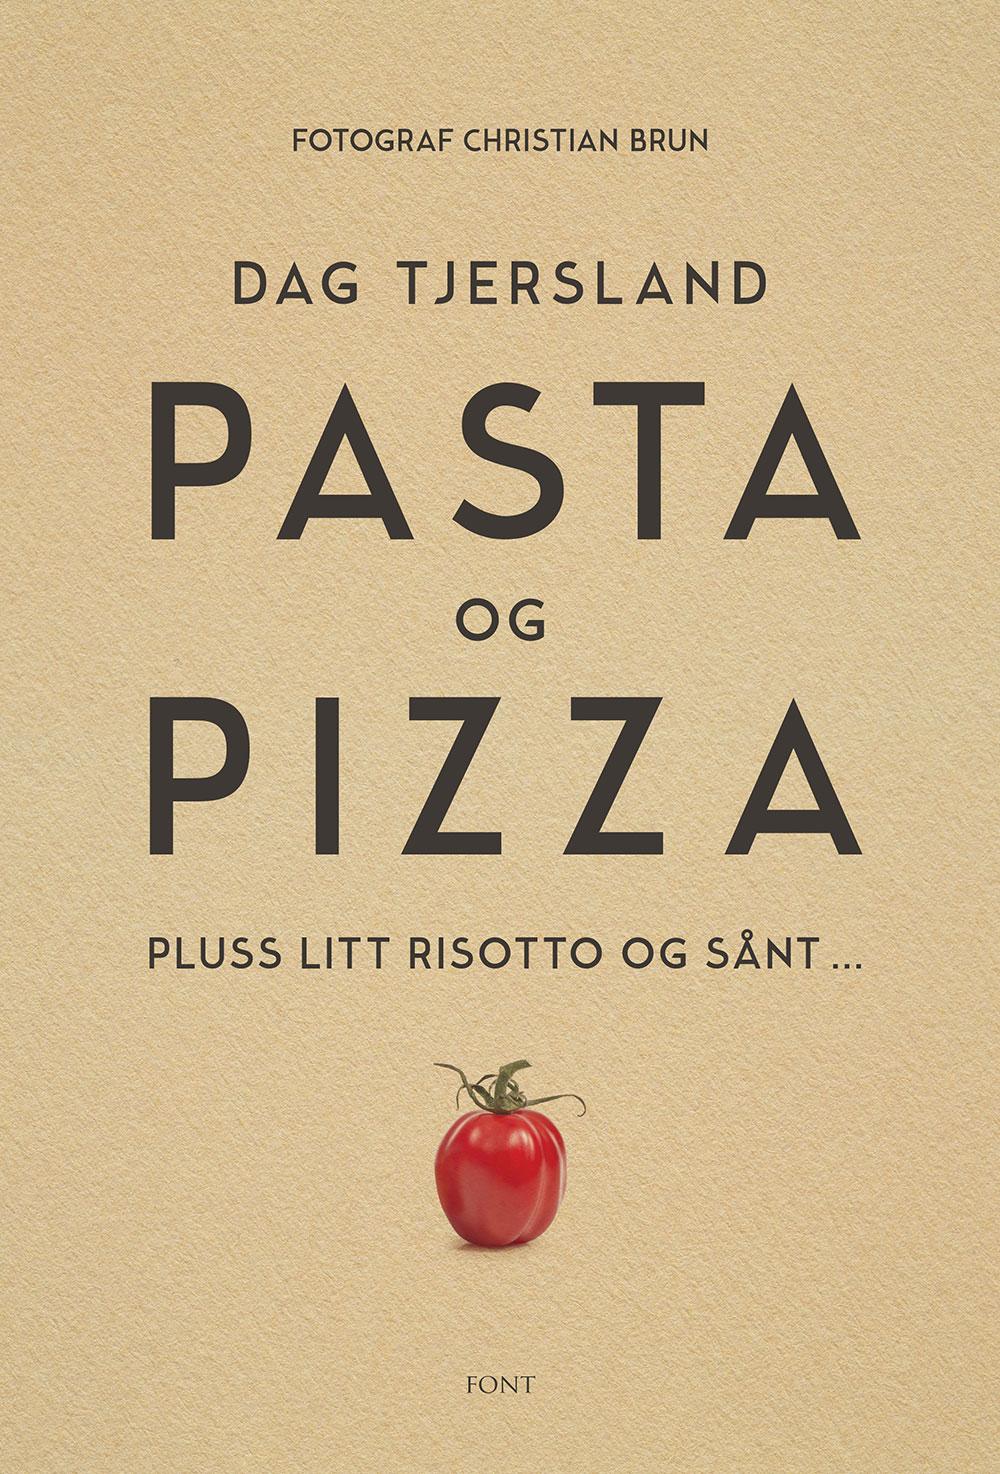 Pasta Og Pizza Av Dag Tjersland